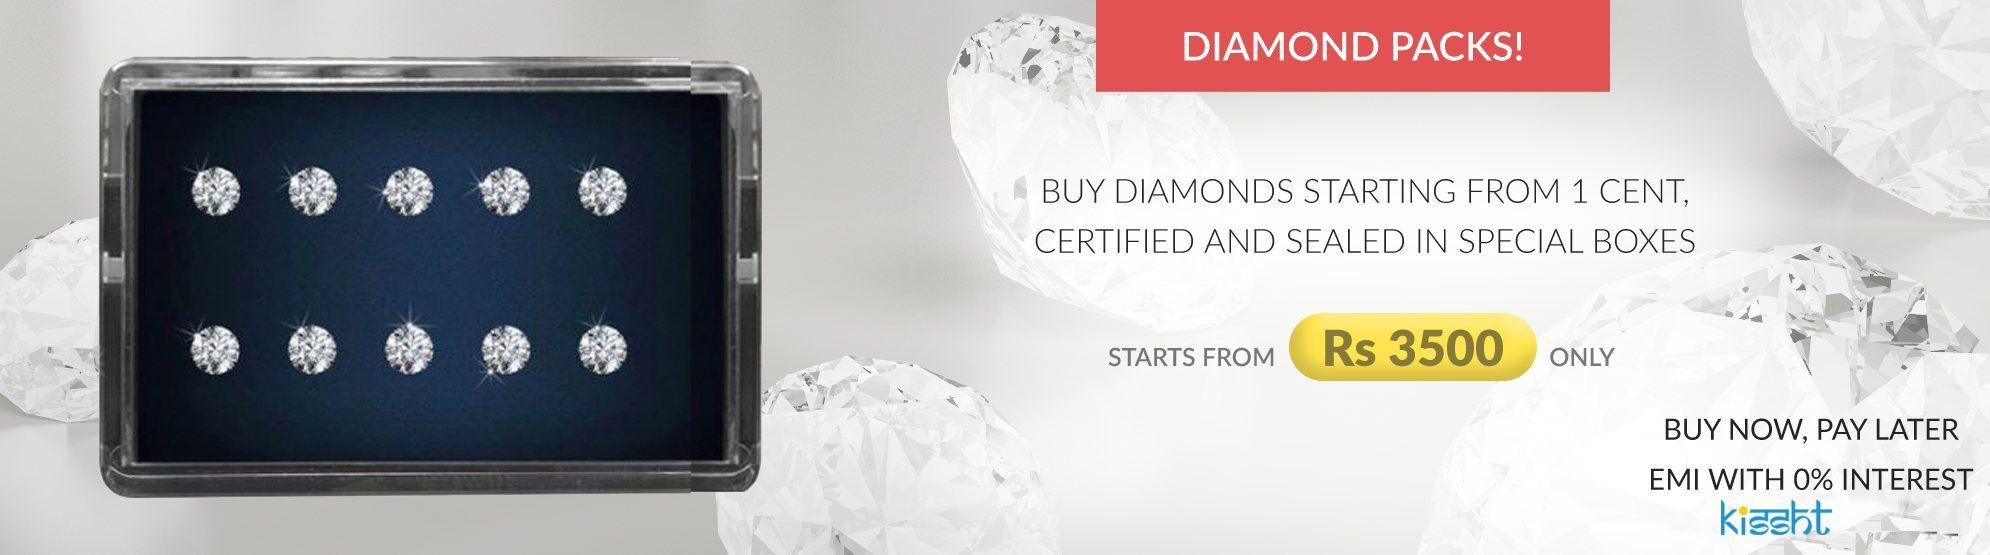 Diamond Packs